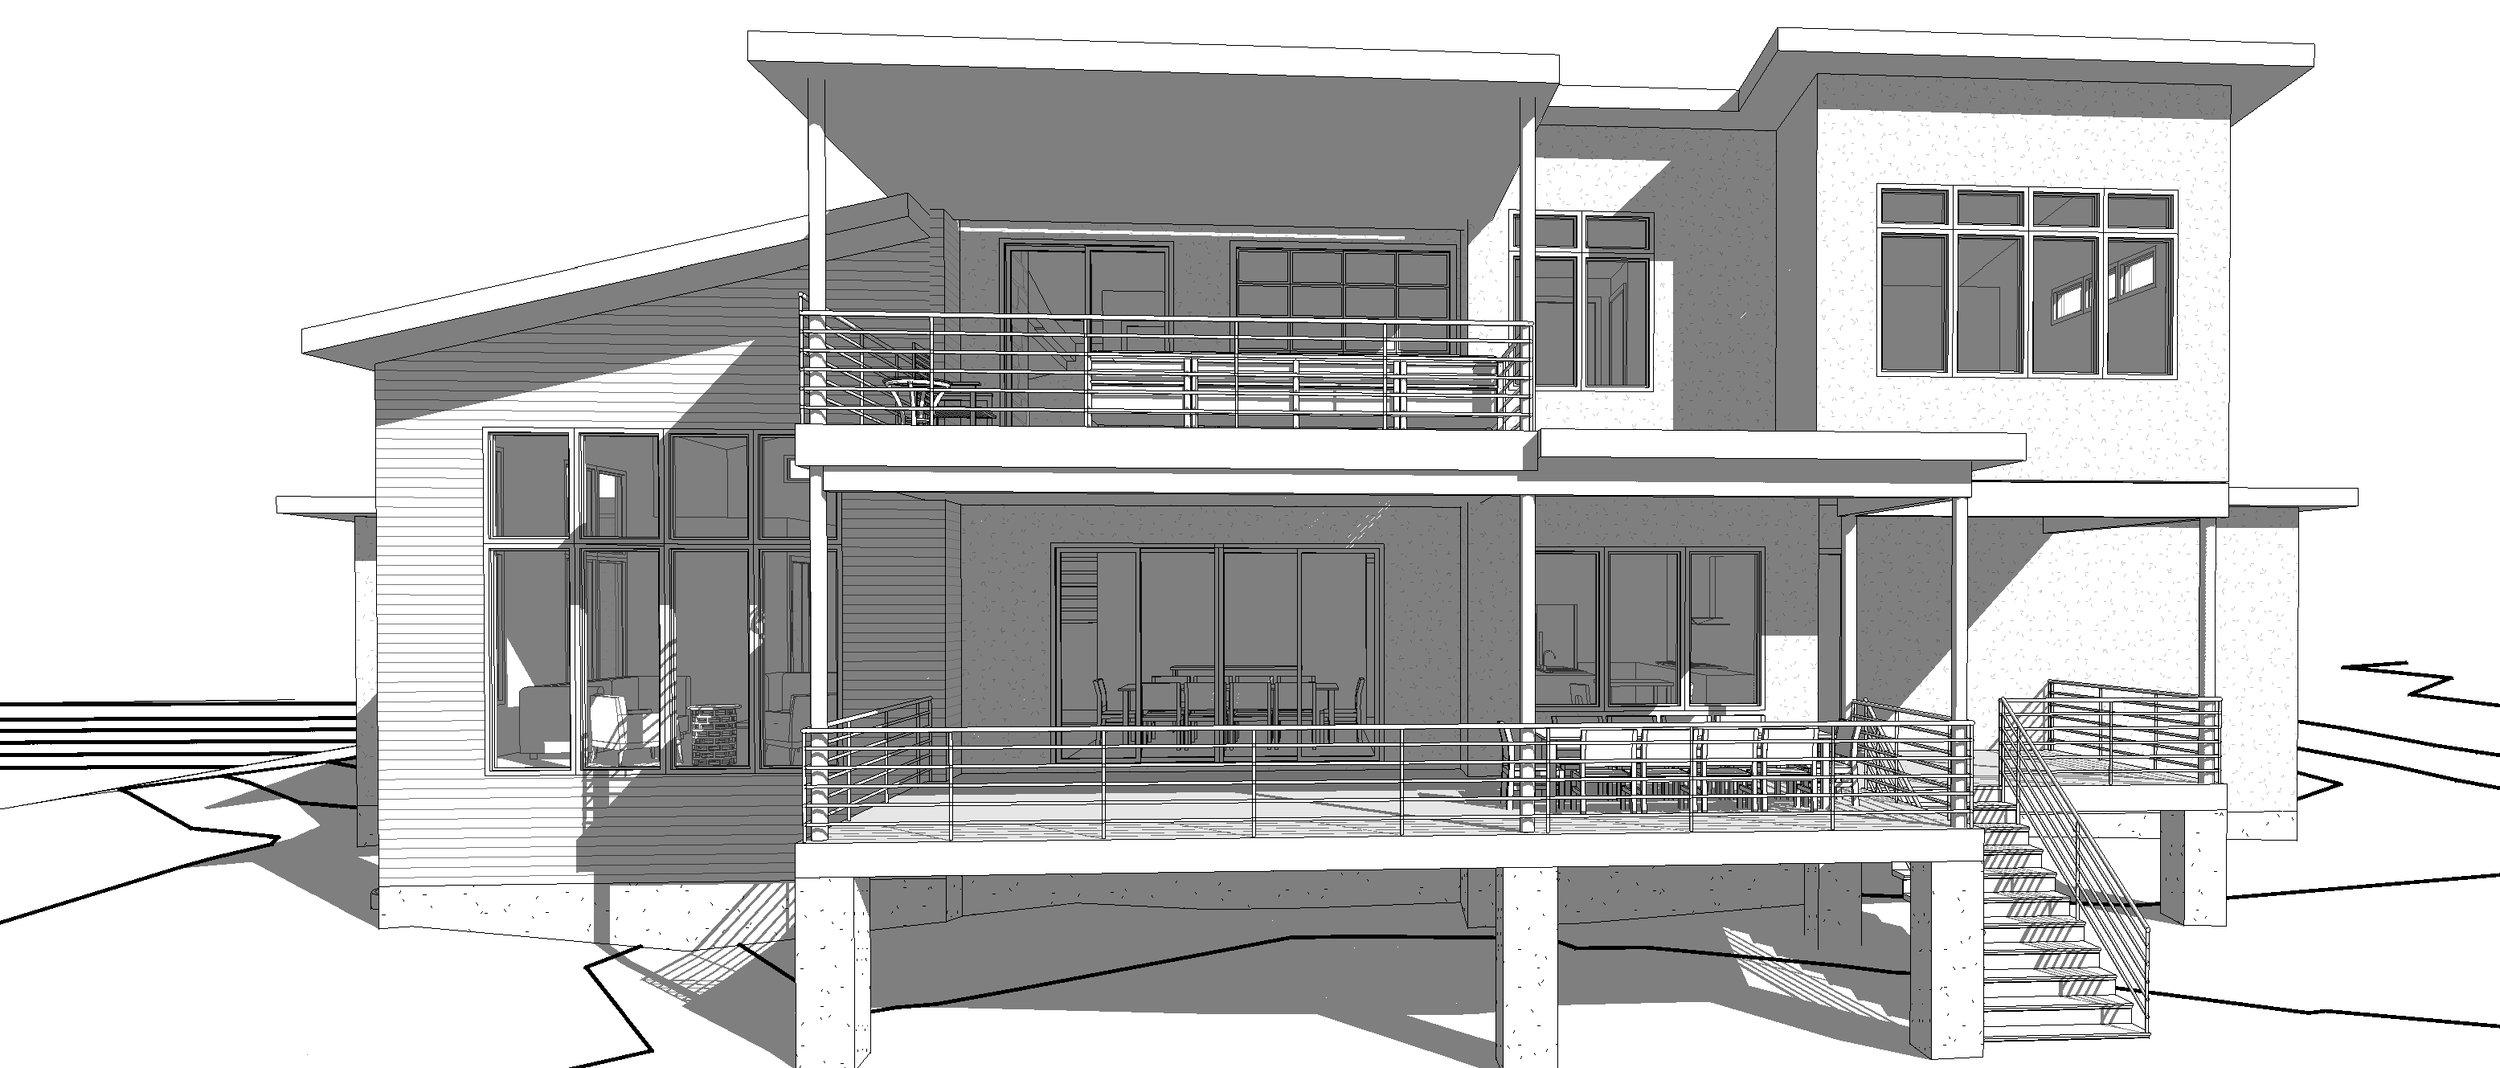 Rickett Scheme 5 - 3D View - 3D View 5.jpg